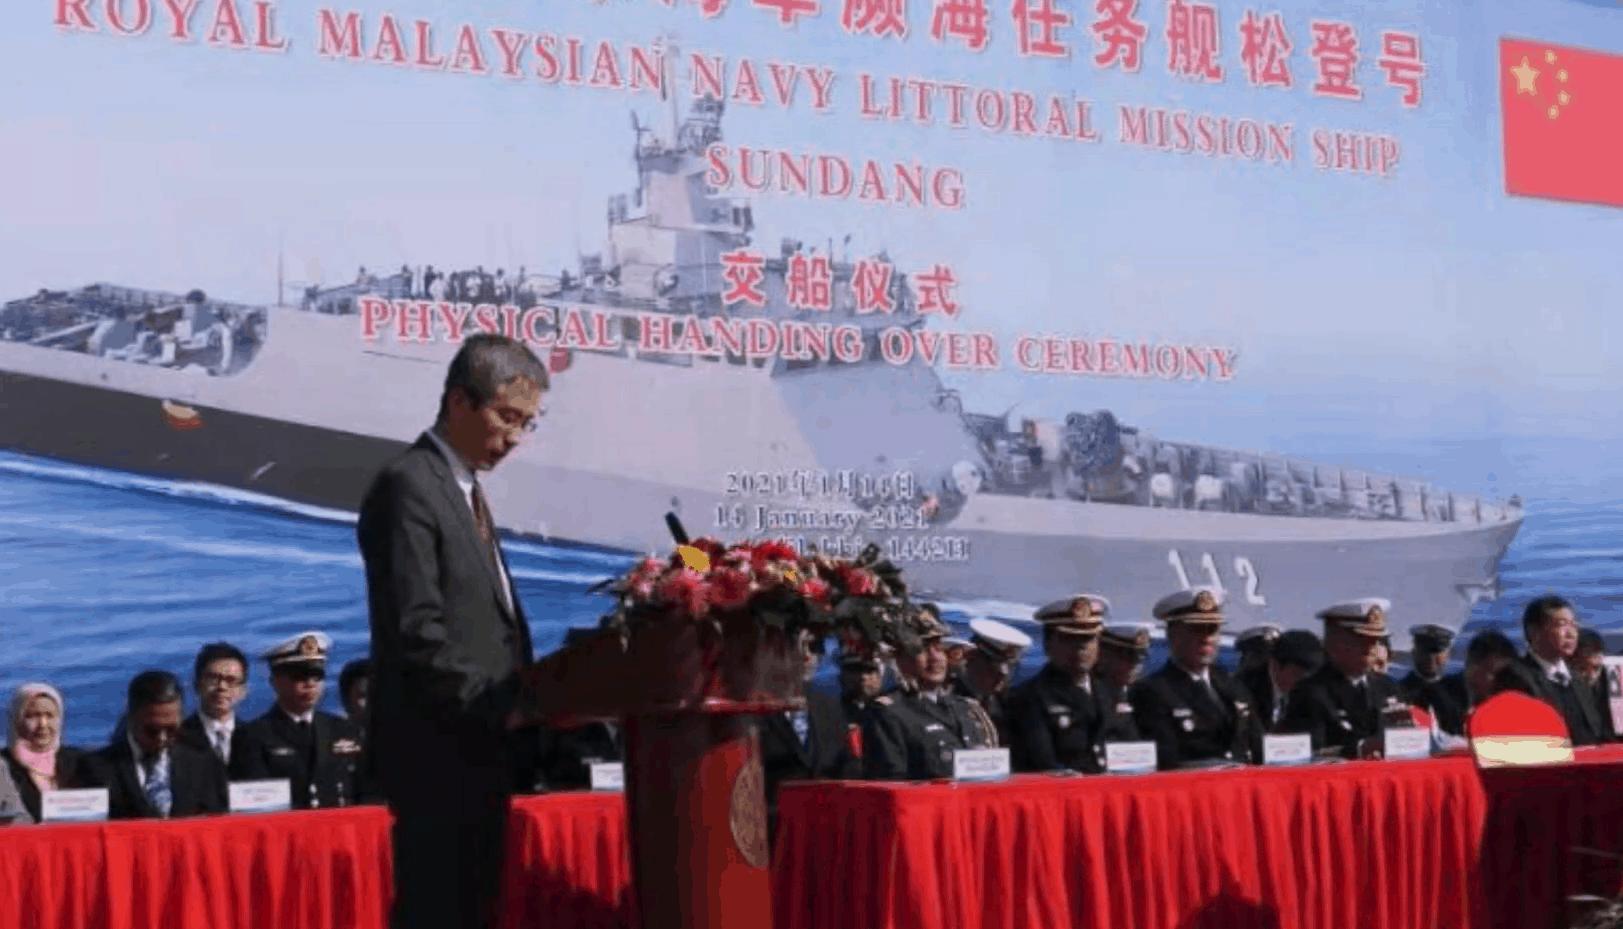 Церемонія передачі другого корабля LMS «Sundang» (112). Січень 2021. Фото: МО Малайзії